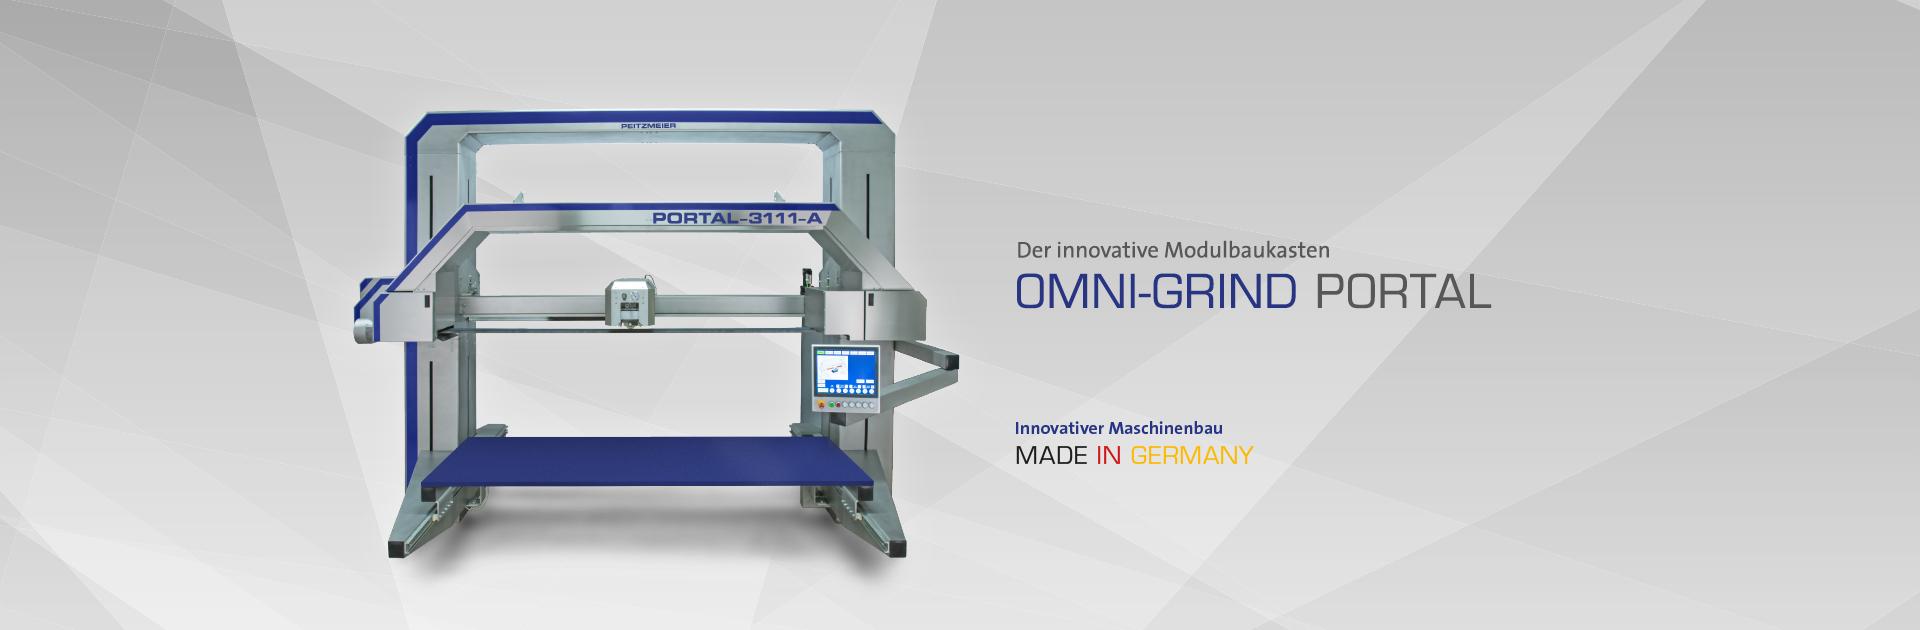 OMNI-GRIND PORTAL - Der innovative Modulbaukasten